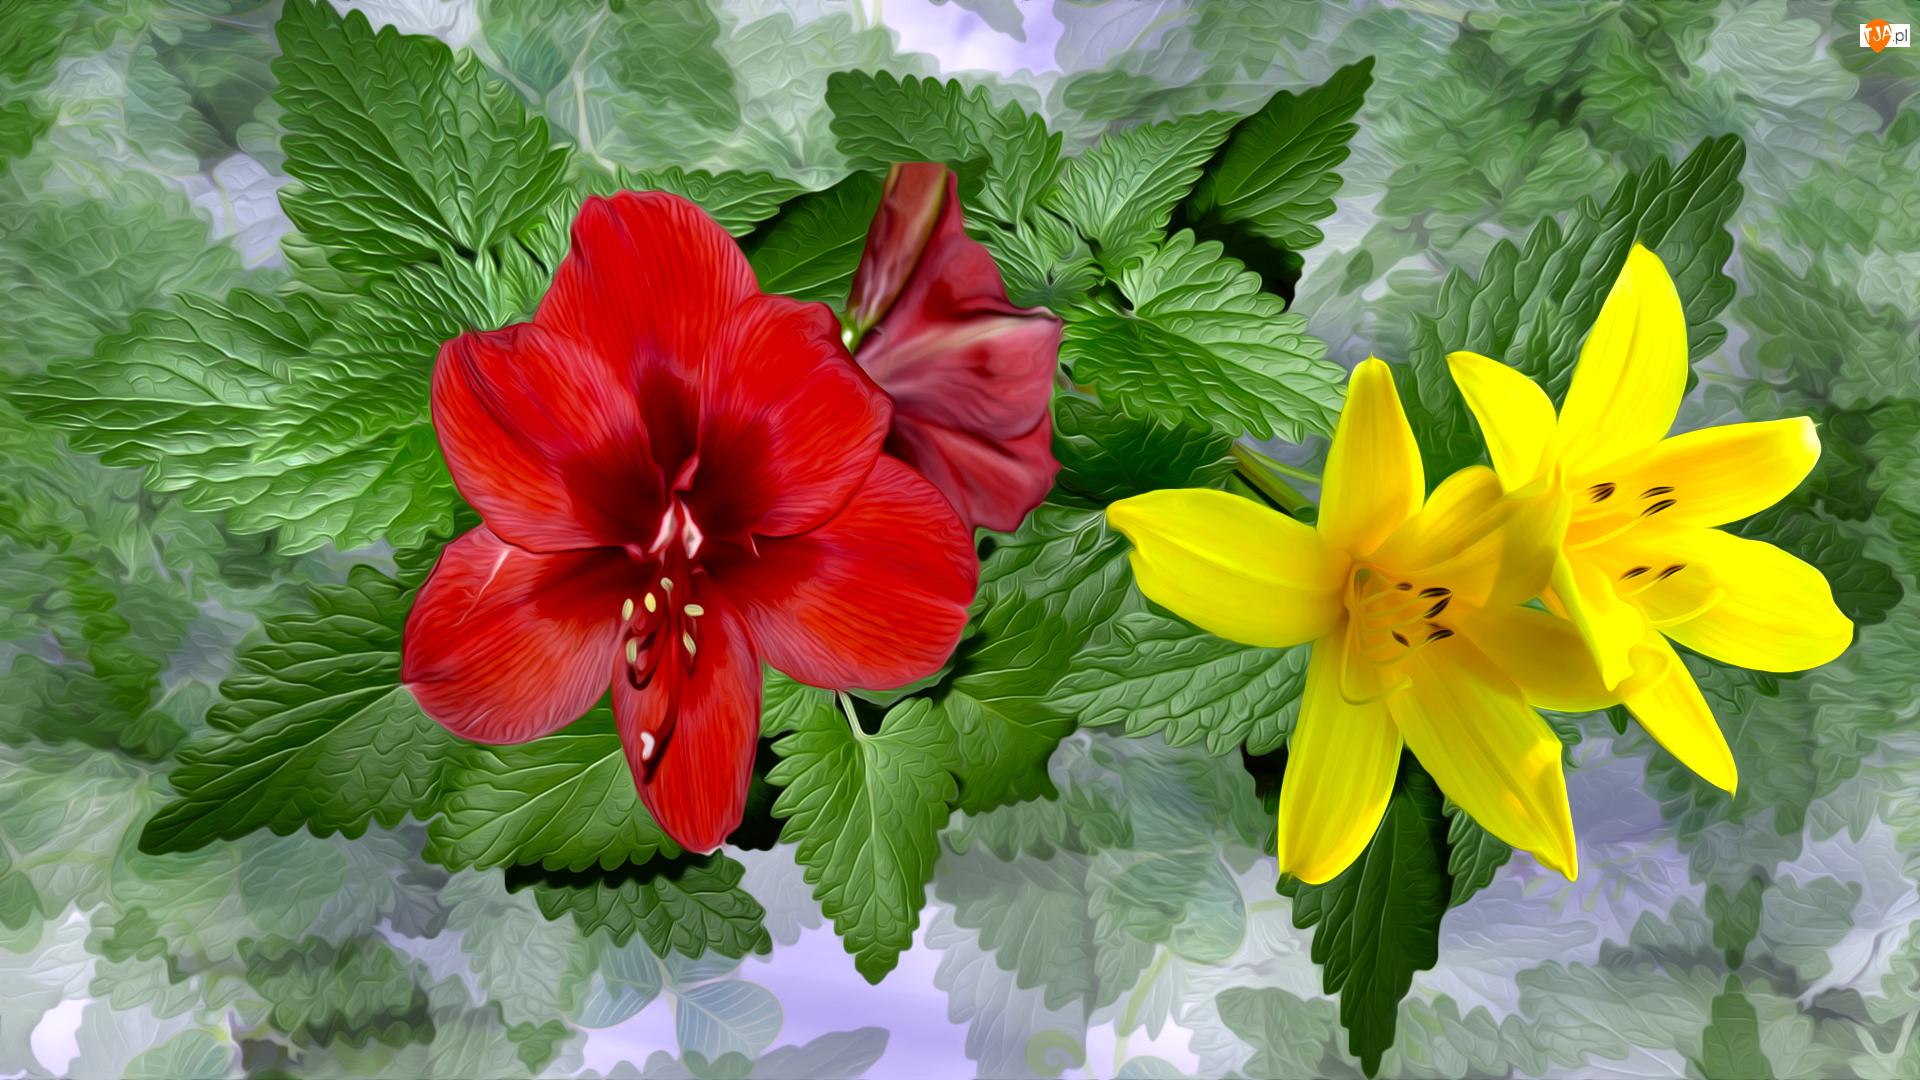 Kwiaty, Czerwone, Mięta, Grafika, Listki, Lilie, Żółte